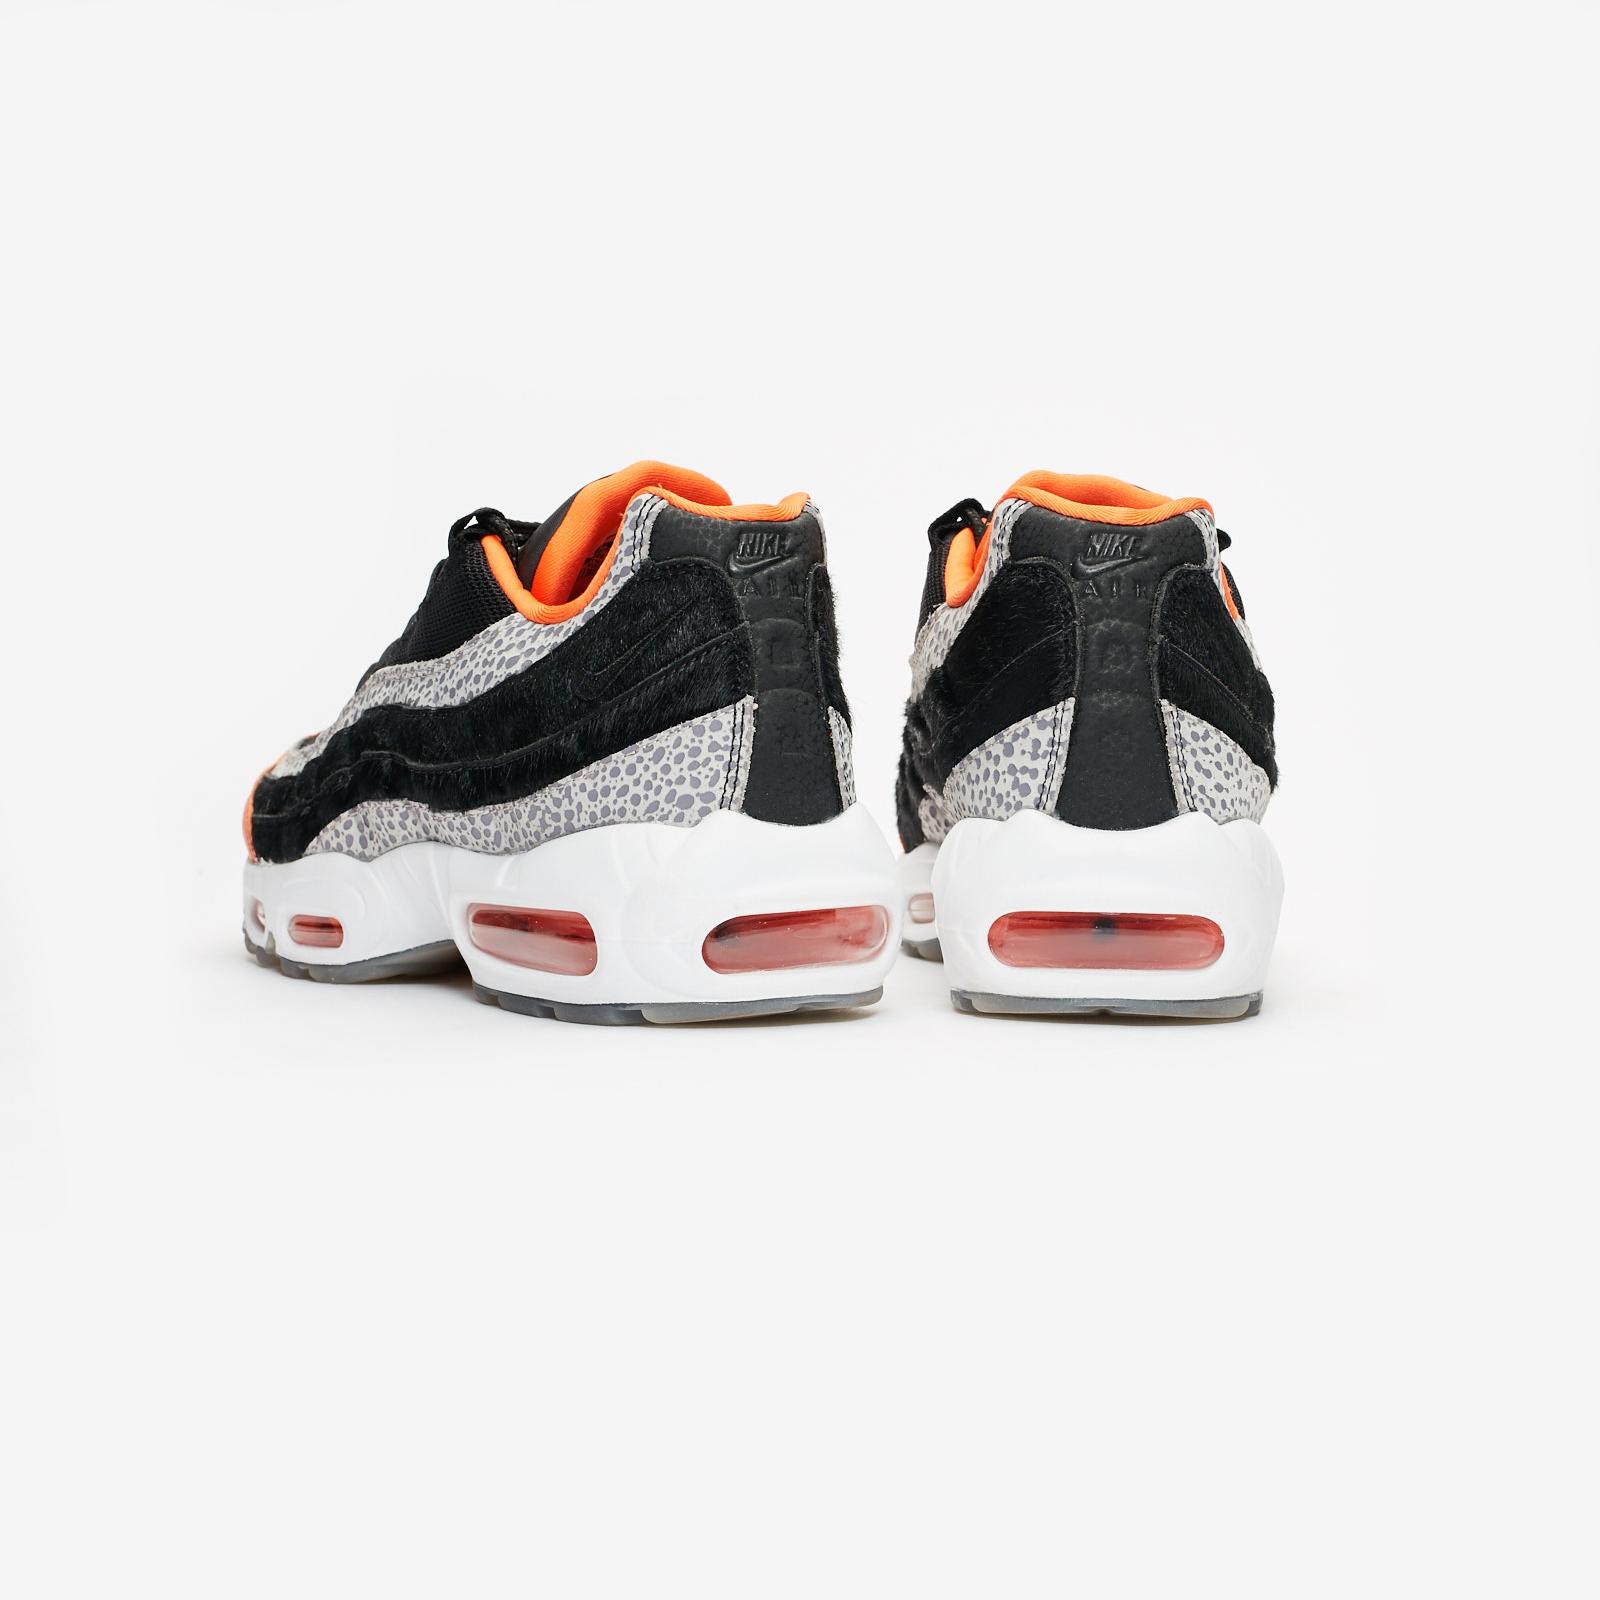 Nike Sportswear Air Max 95 Nike Sportswear Air Max 95 ... c2fd78d42